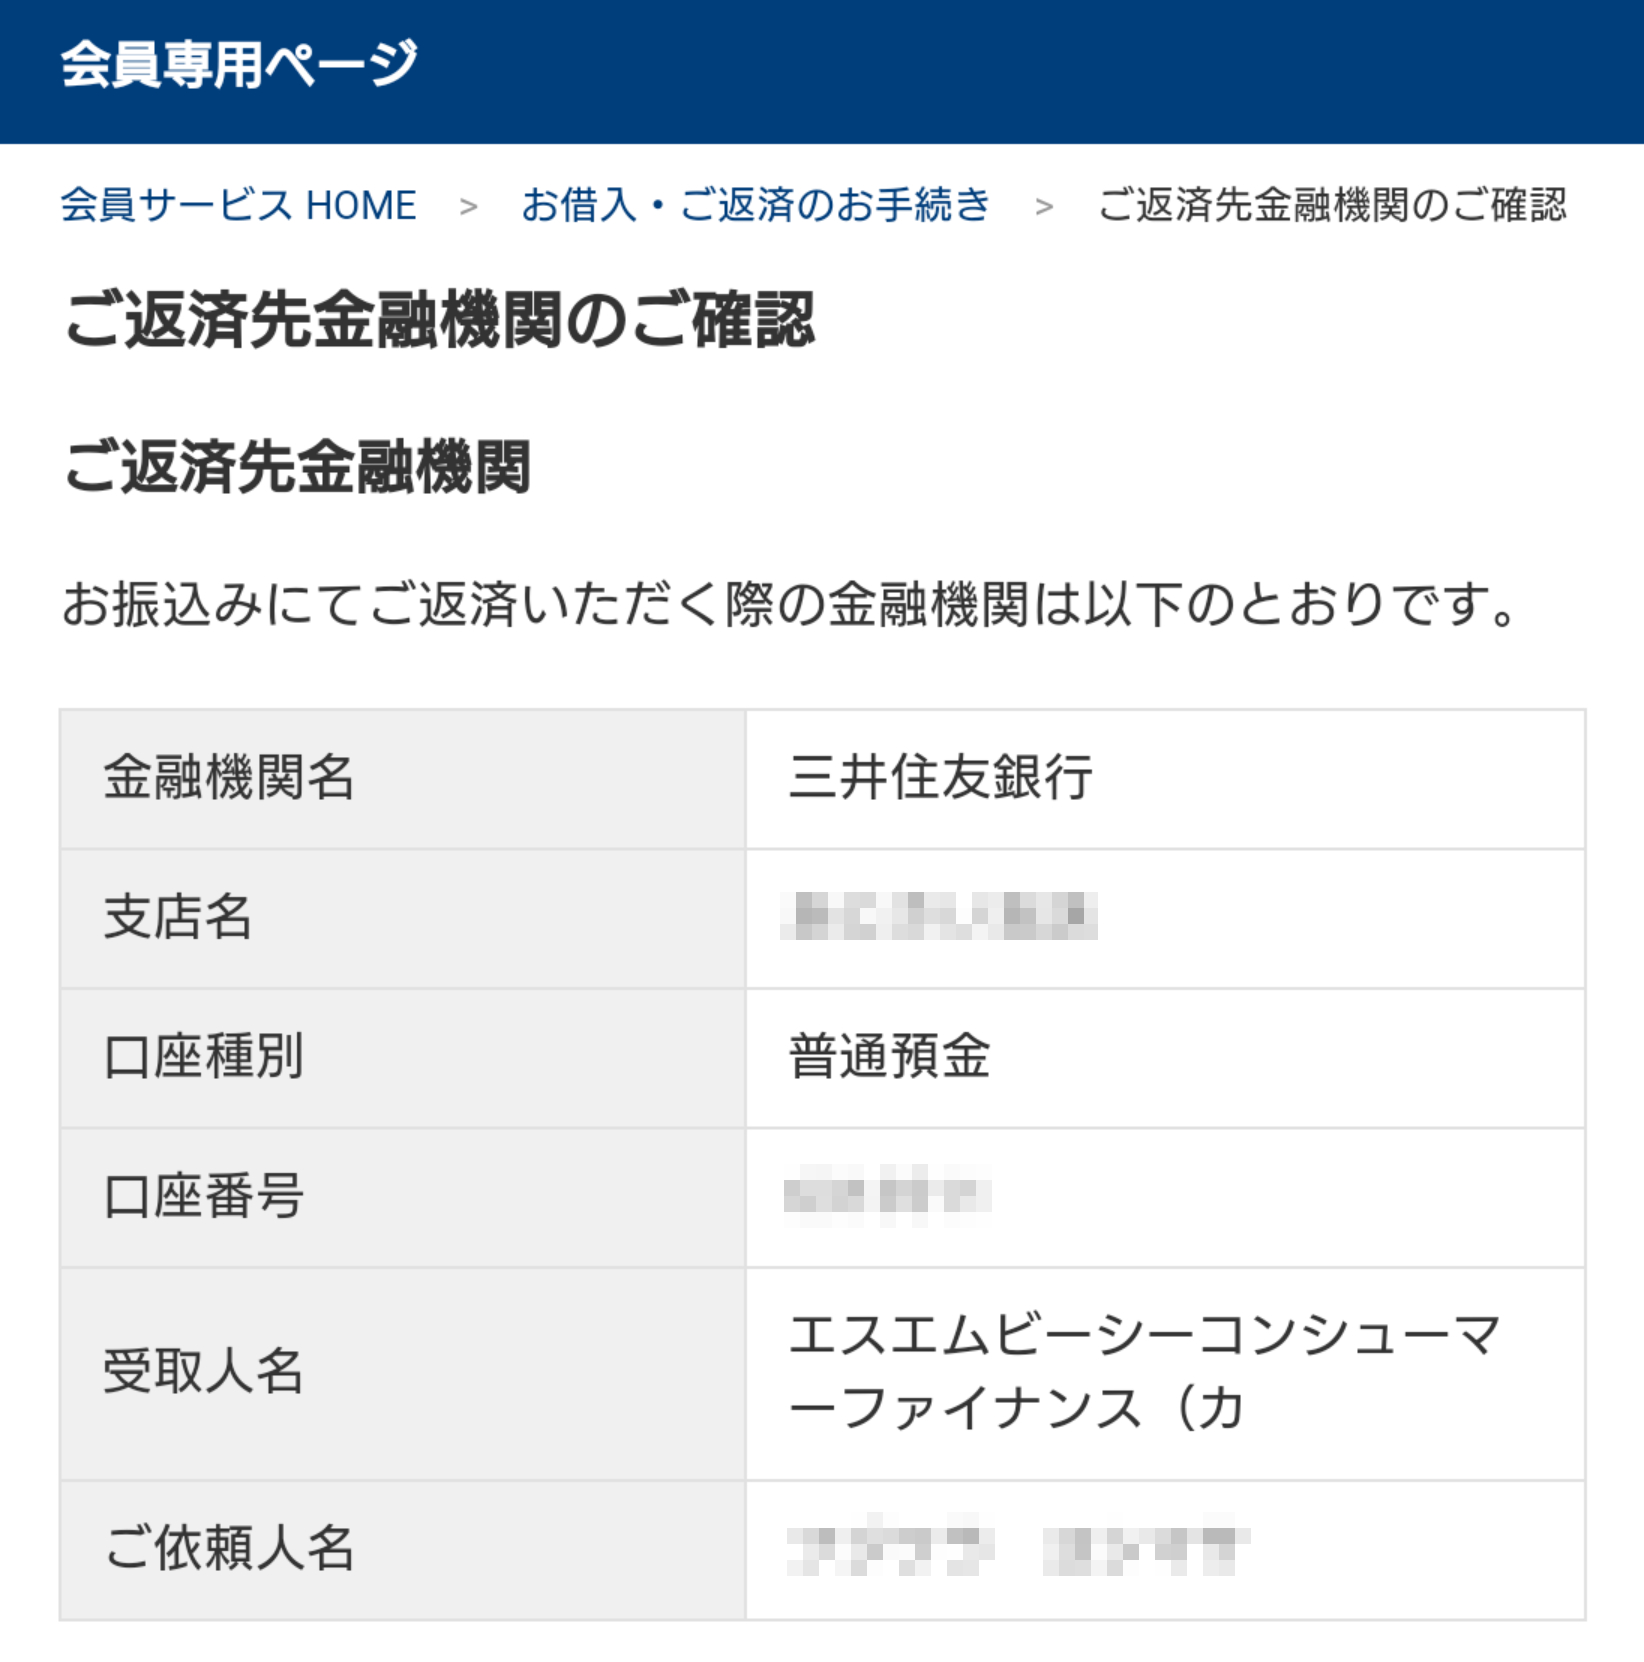 プロミスの振込先口座の確認画面。